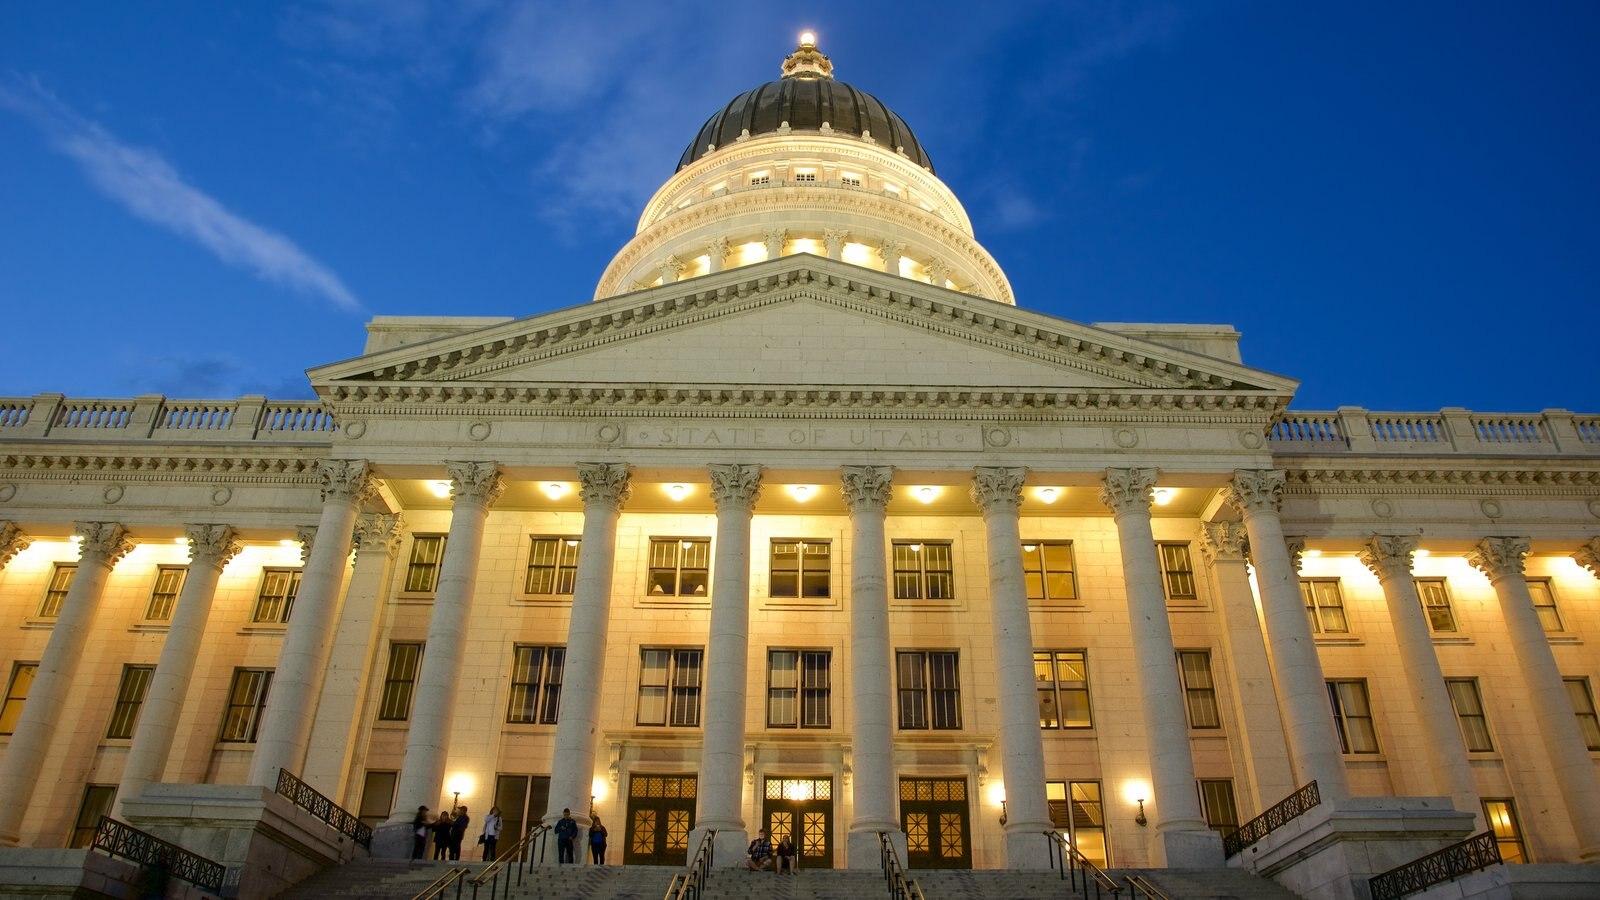 Utah State Capitol ofreciendo un edificio administrativo, patrimonio de arquitectura y escenas nocturnas